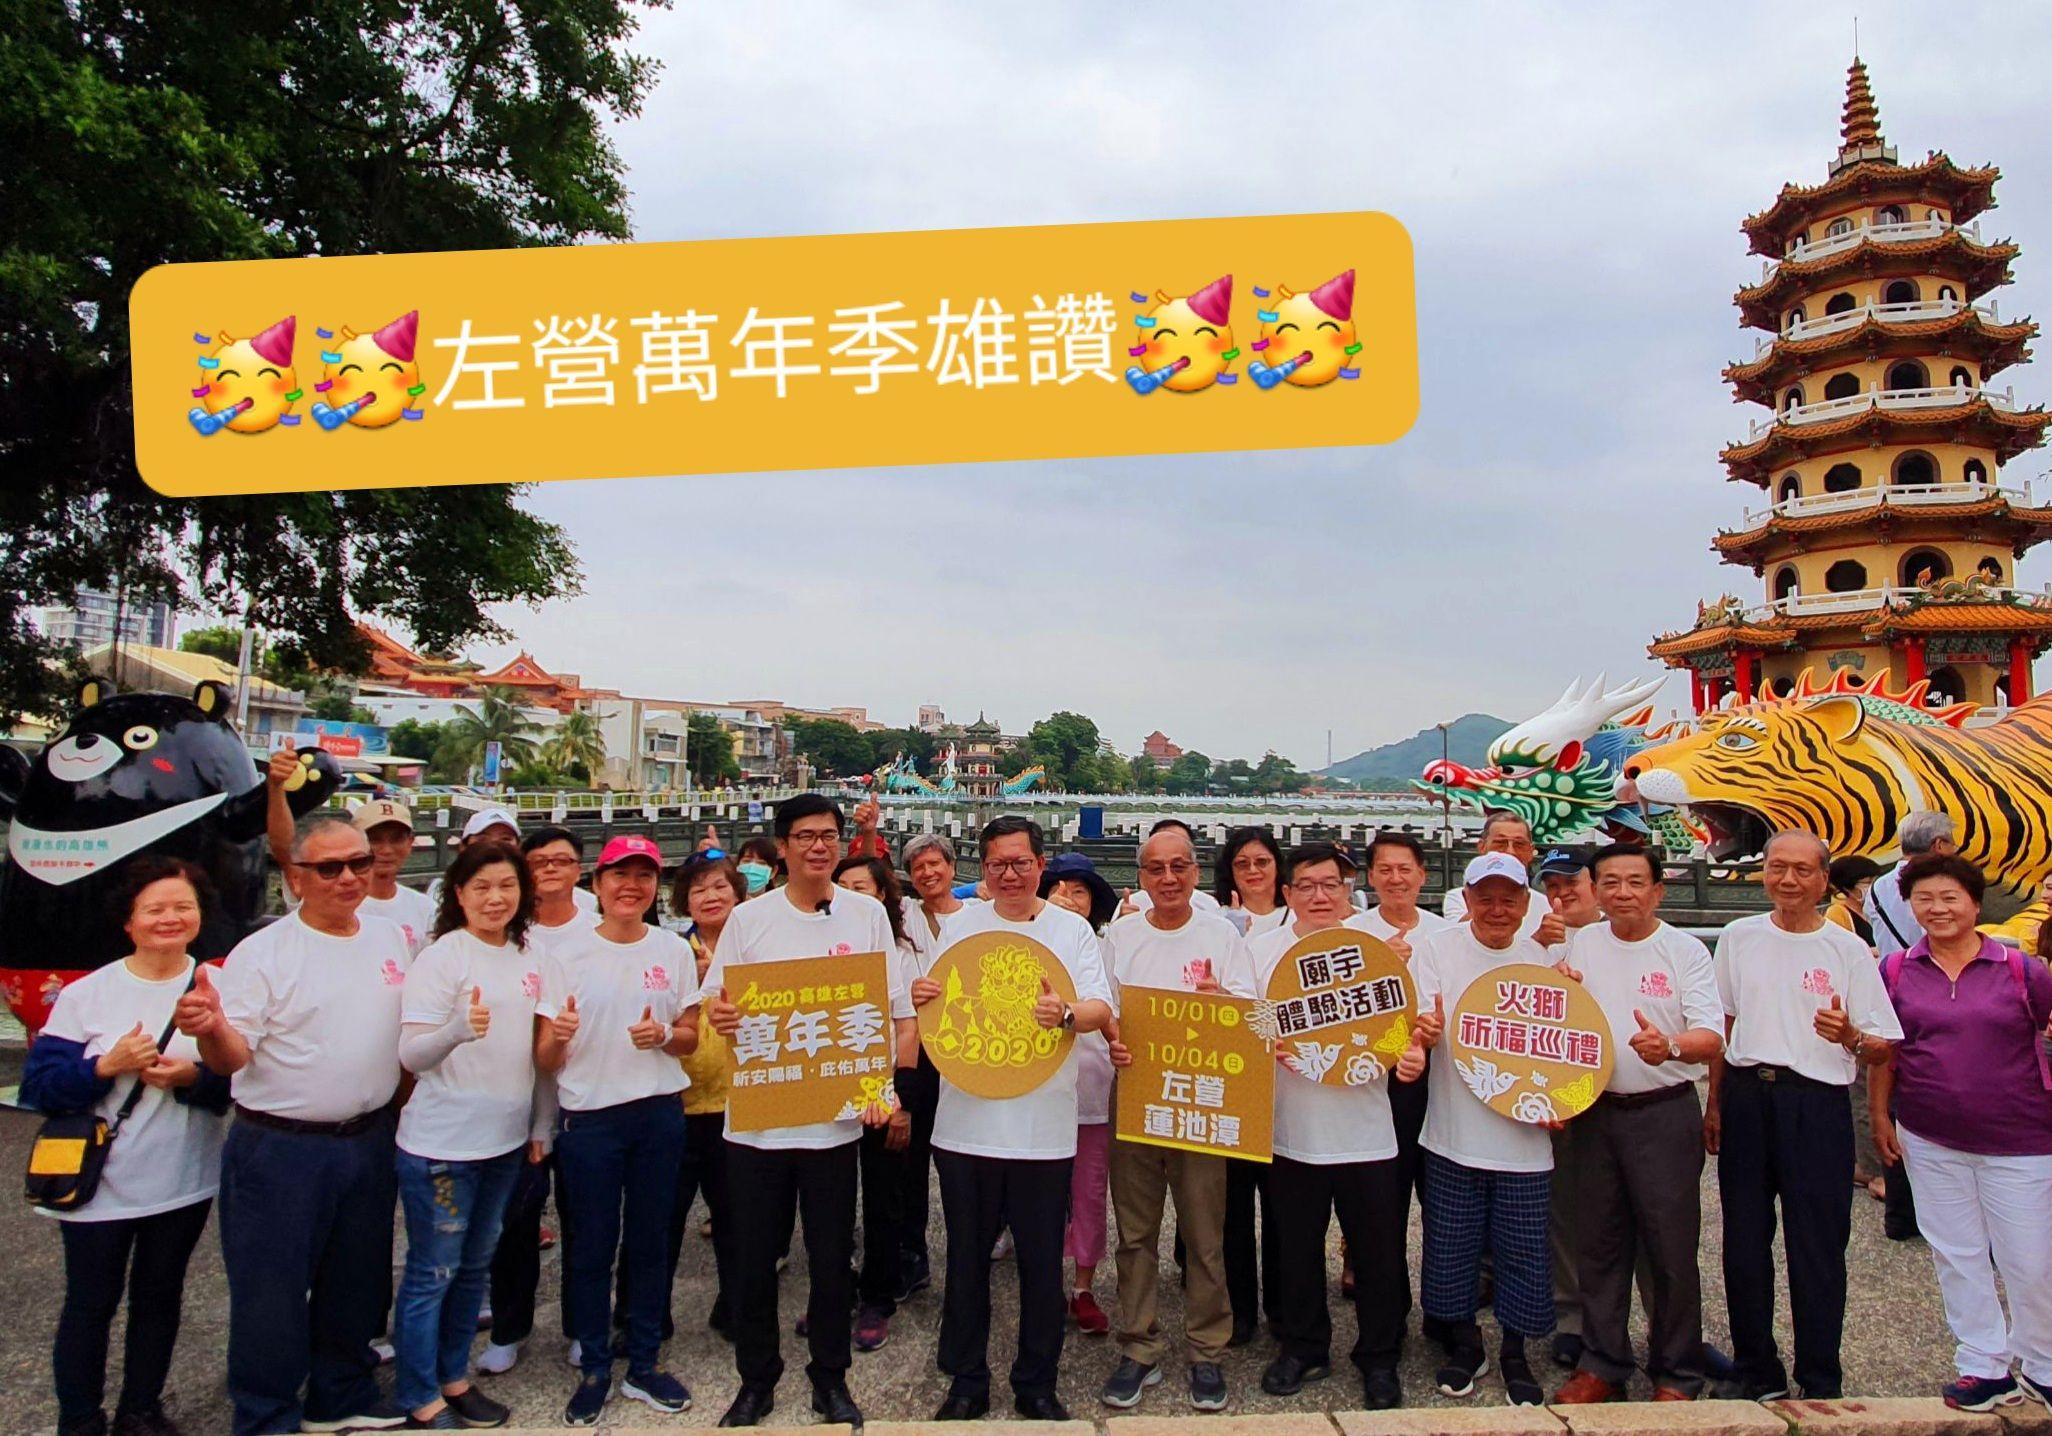 陳其邁市長行銷高雄觀光及推展10/1-10/4高雄左營萬年季活動